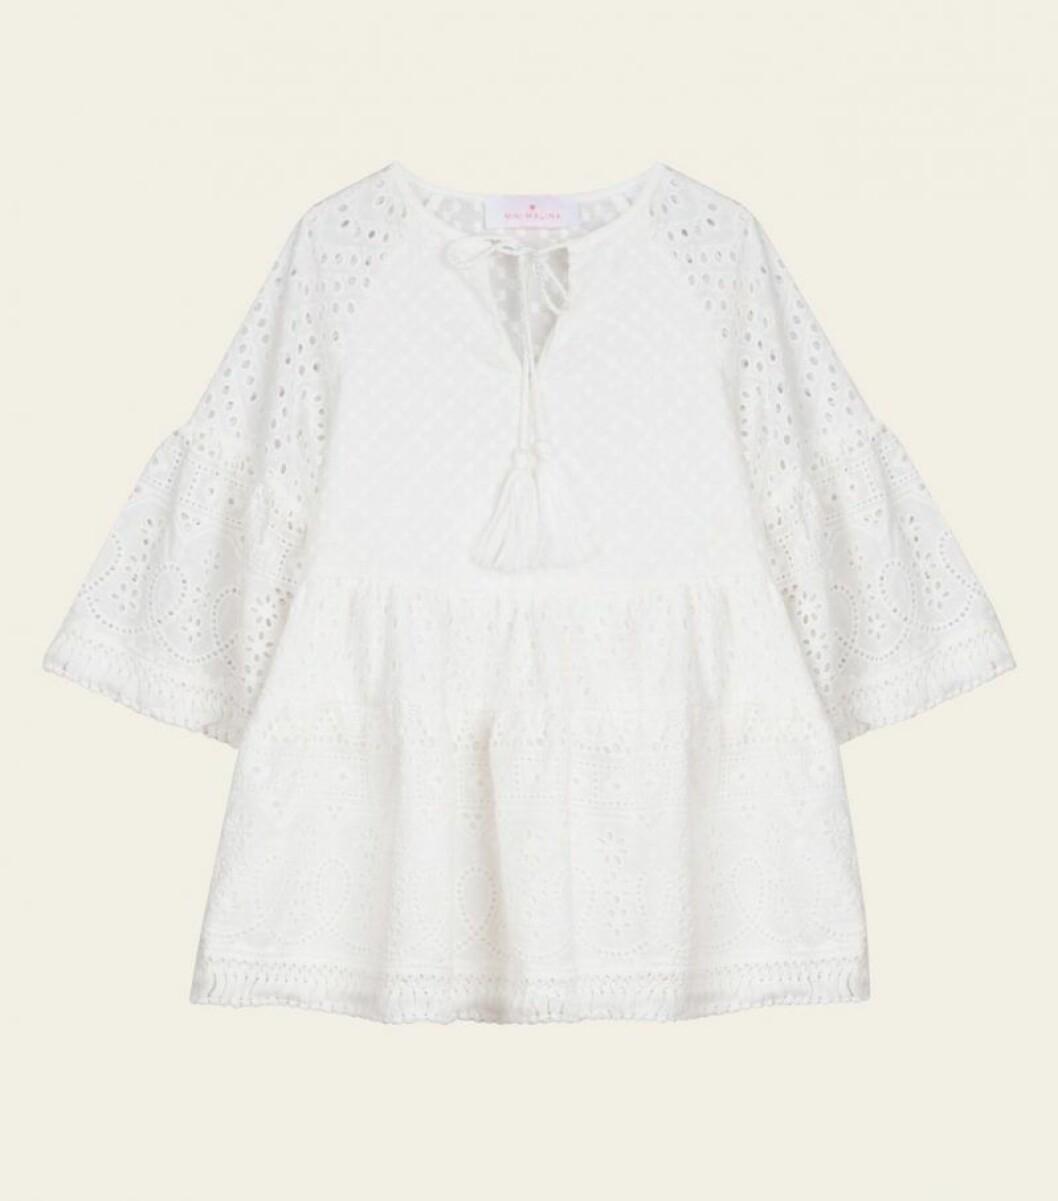 Mini Malina collection 2020: Vit klänning för barn